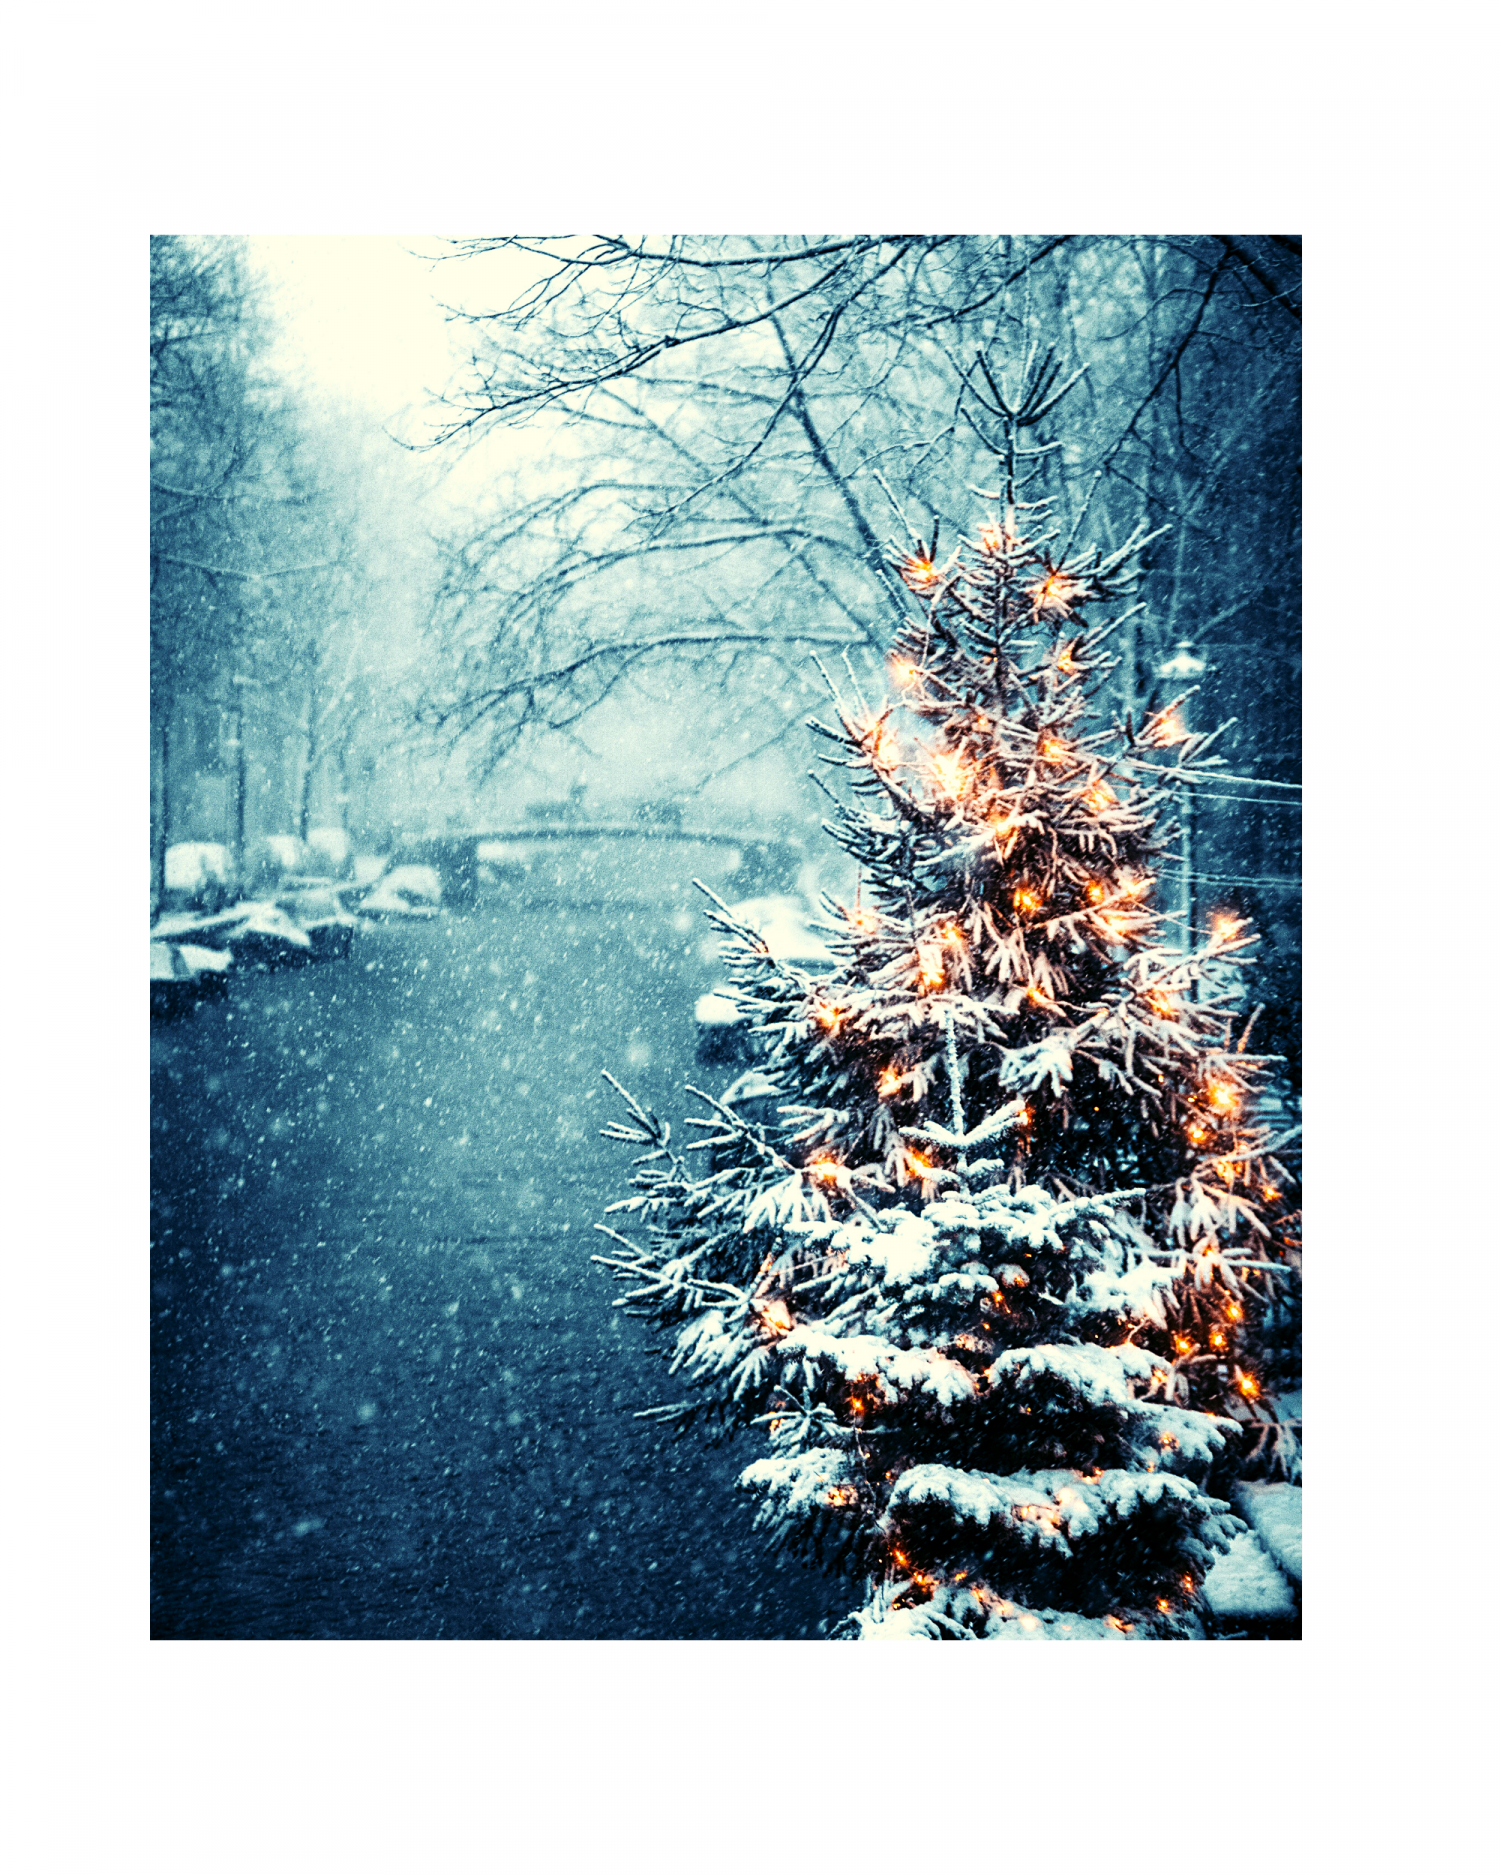 Xmas_snow_tree